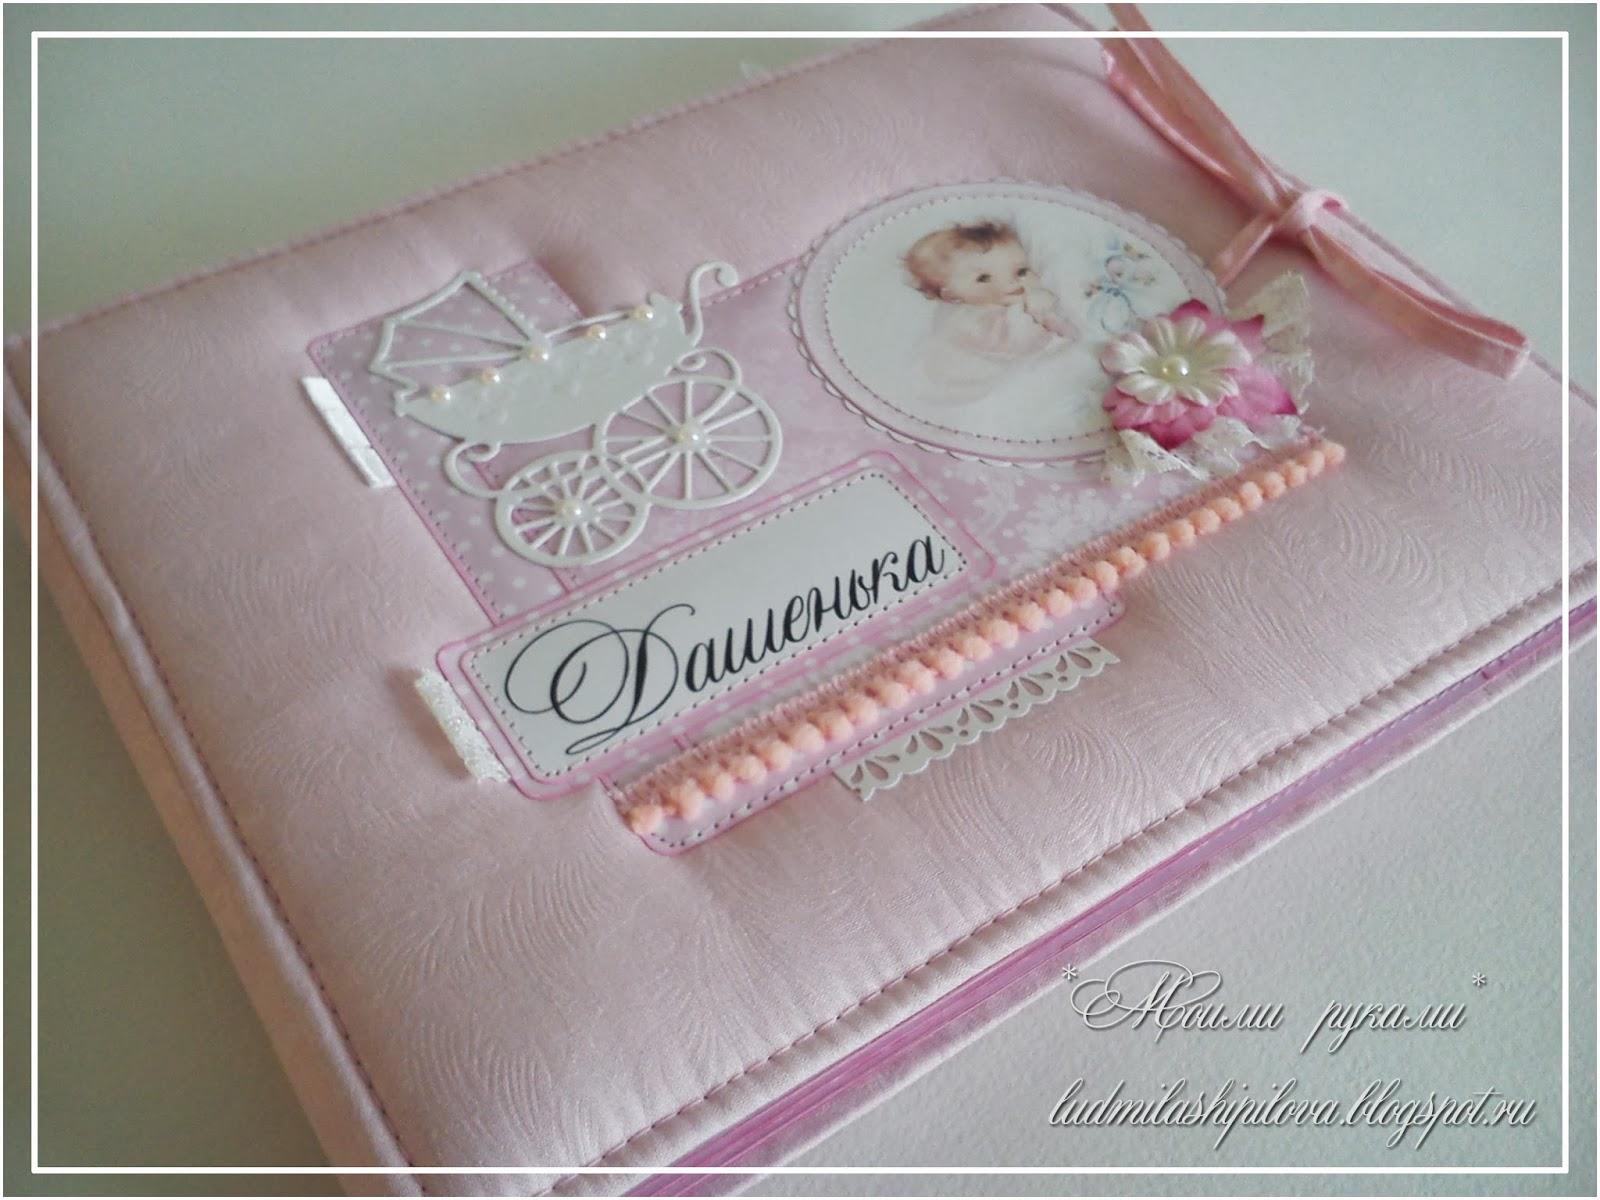 Альбом ручной работы для девочки,автор Людмила Шипилова